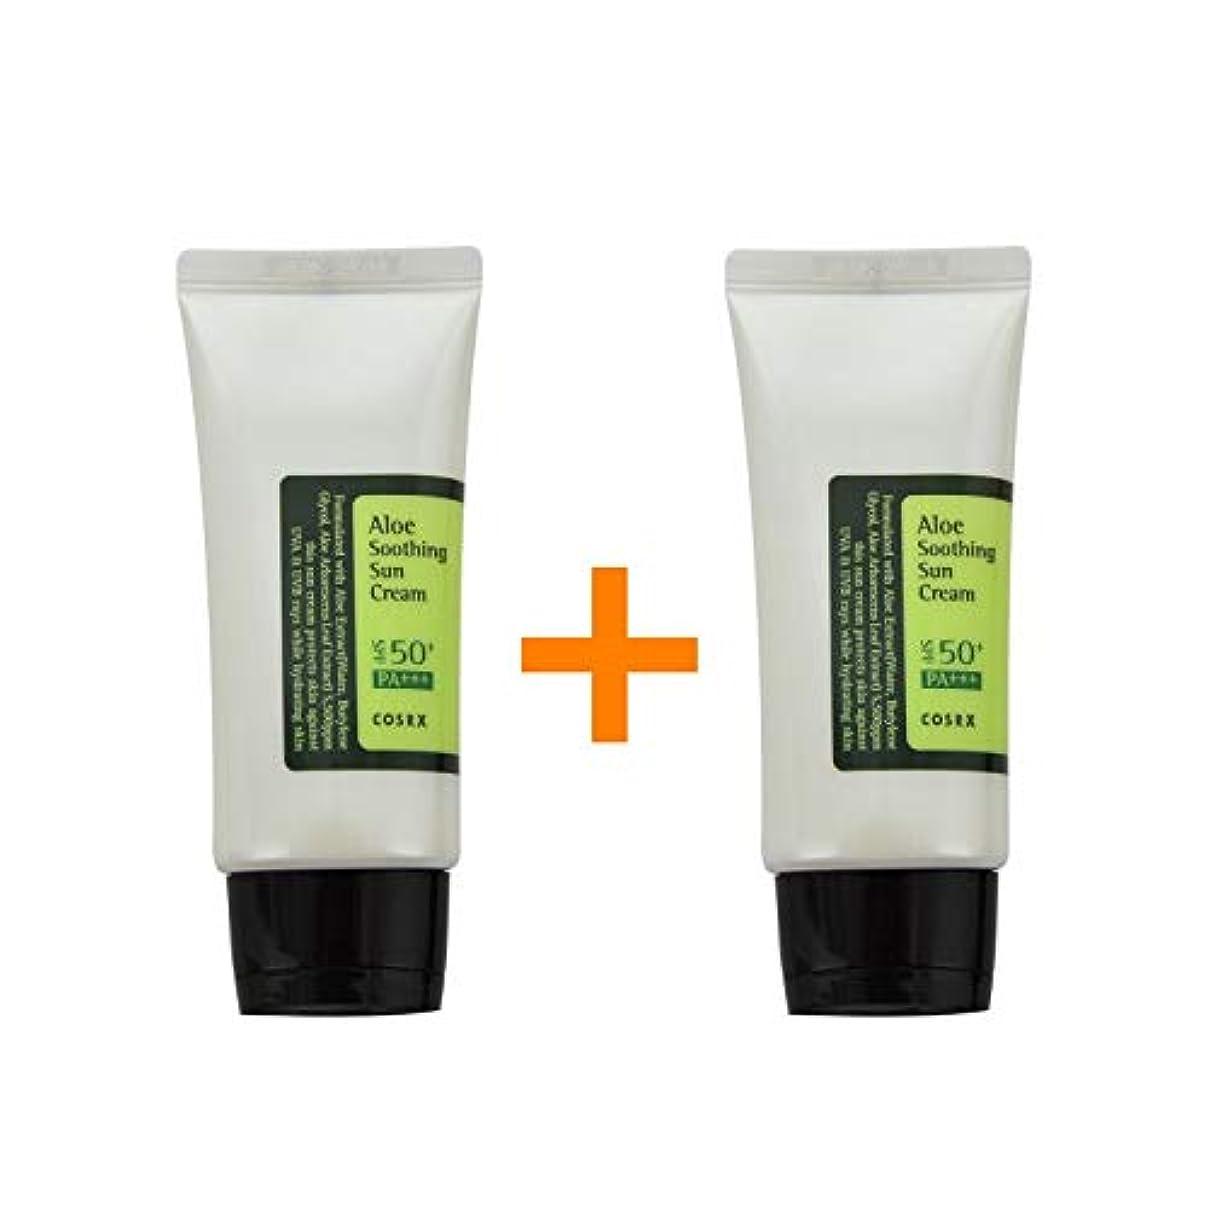 アクセスできない式ステレオタイプ[ 1 + 1 ] COSRX コースアールエックス アロエ スージング サンクリーム Aloe Soothing sun cream (50ml) SPF50+/PA+++ 韓国日焼け止め